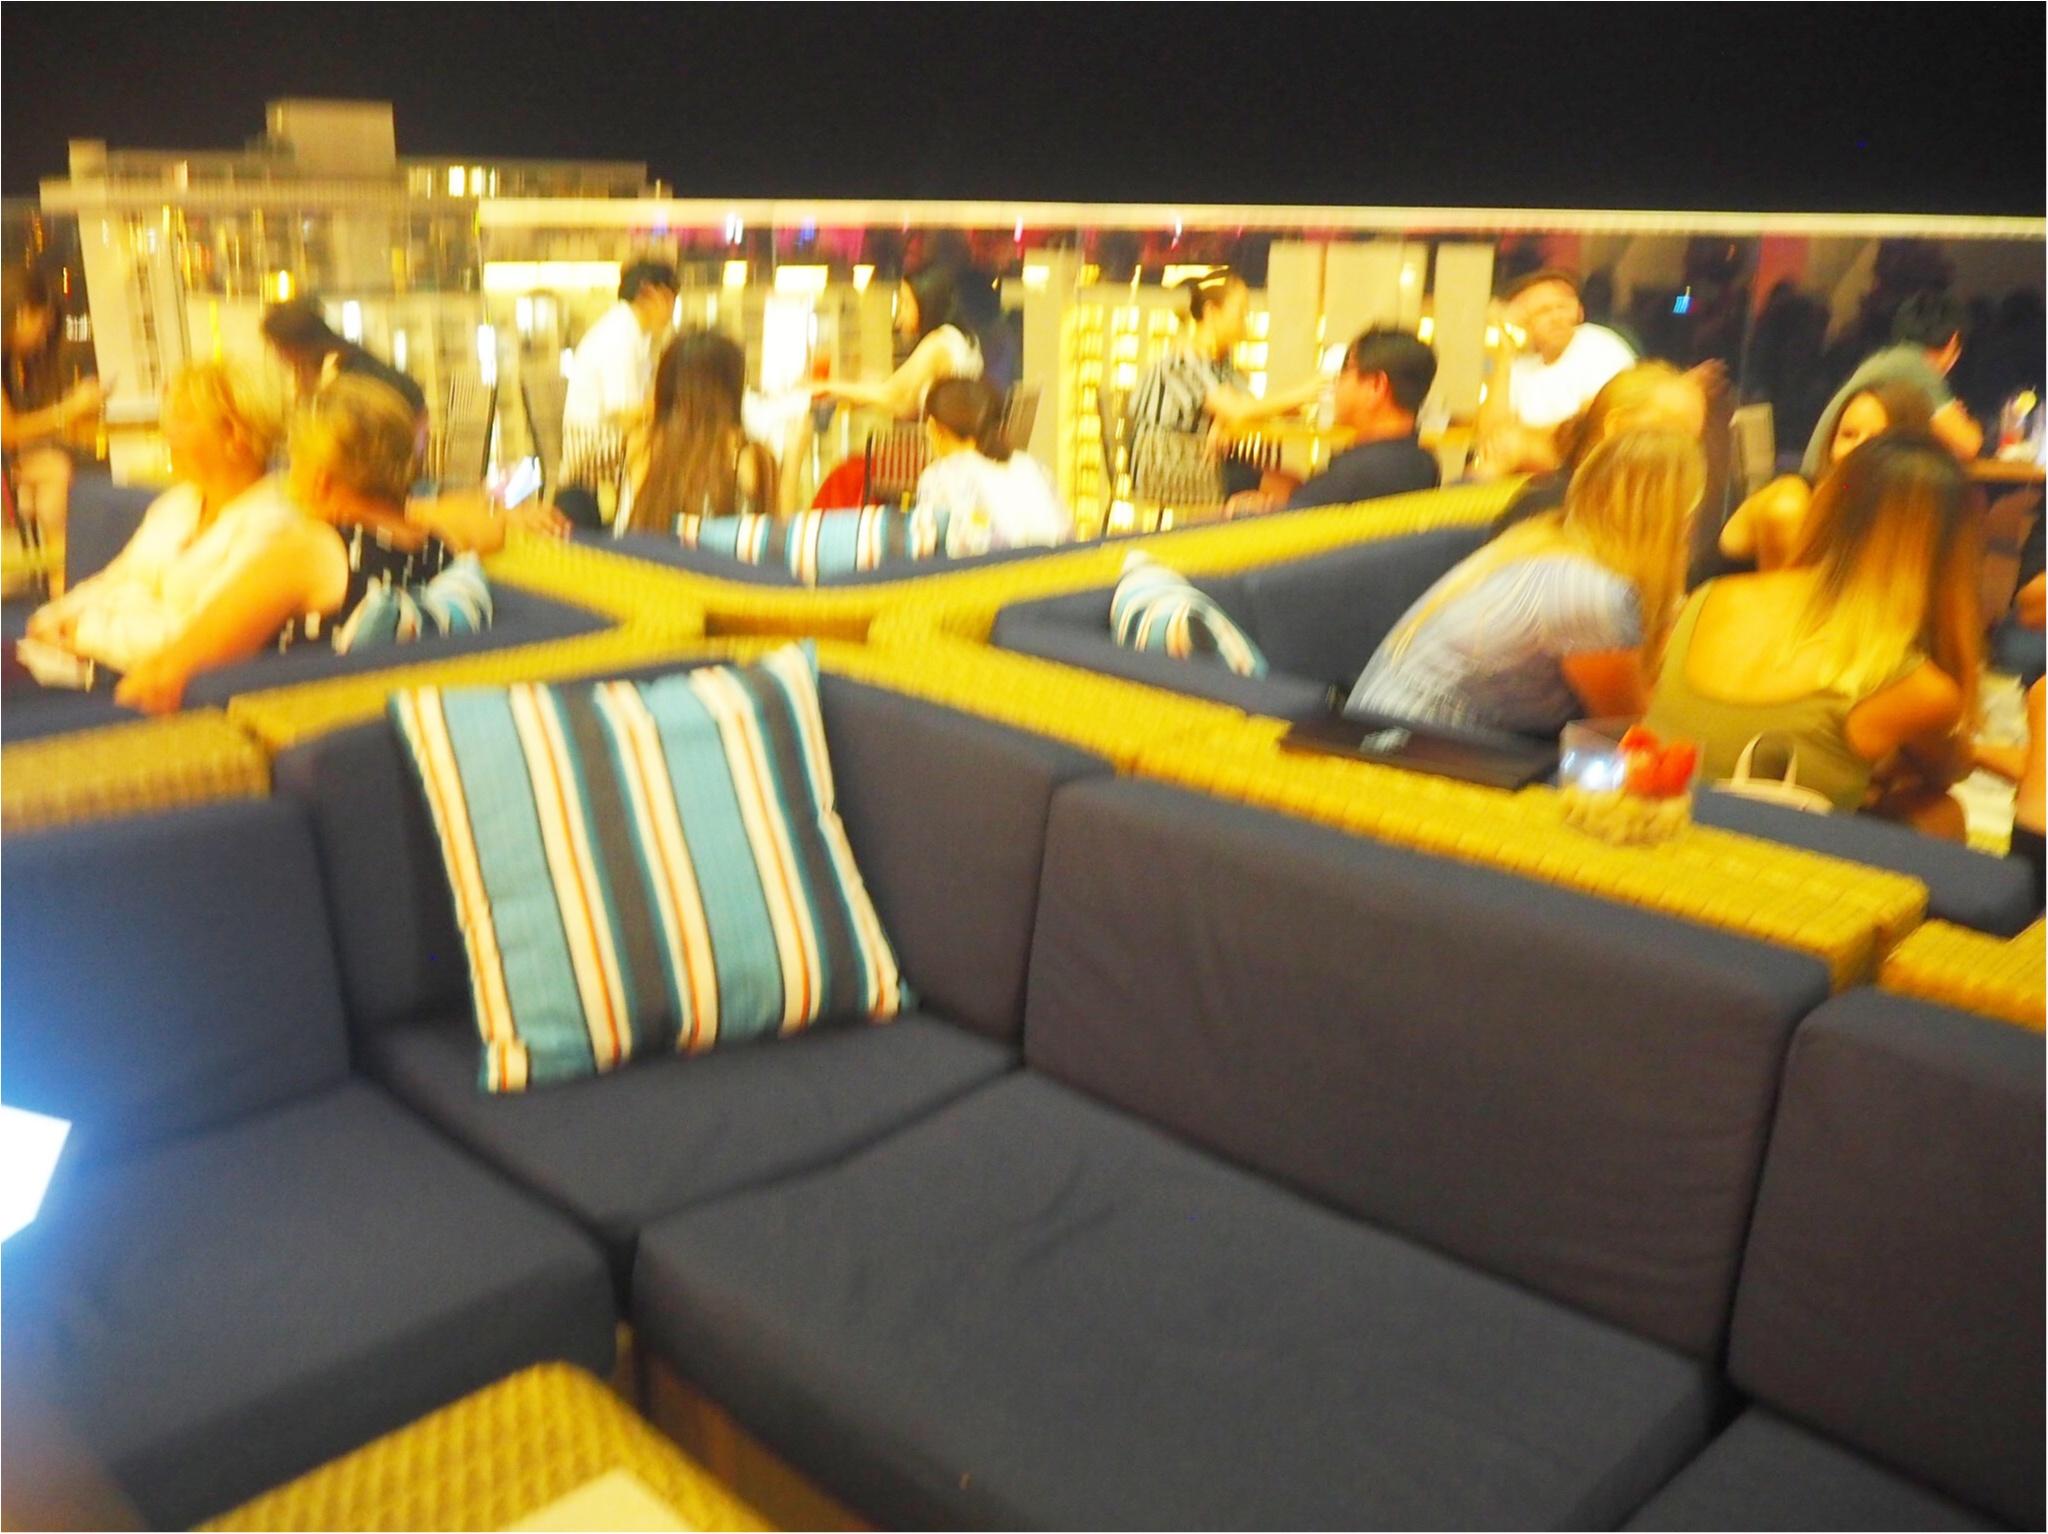 開放感あふれるテラスが魅力♡バーレストラン【SKY Waikiki】でディナー!毎週金曜のヒルトンの花火は見られるの?お答えします‼︎_2